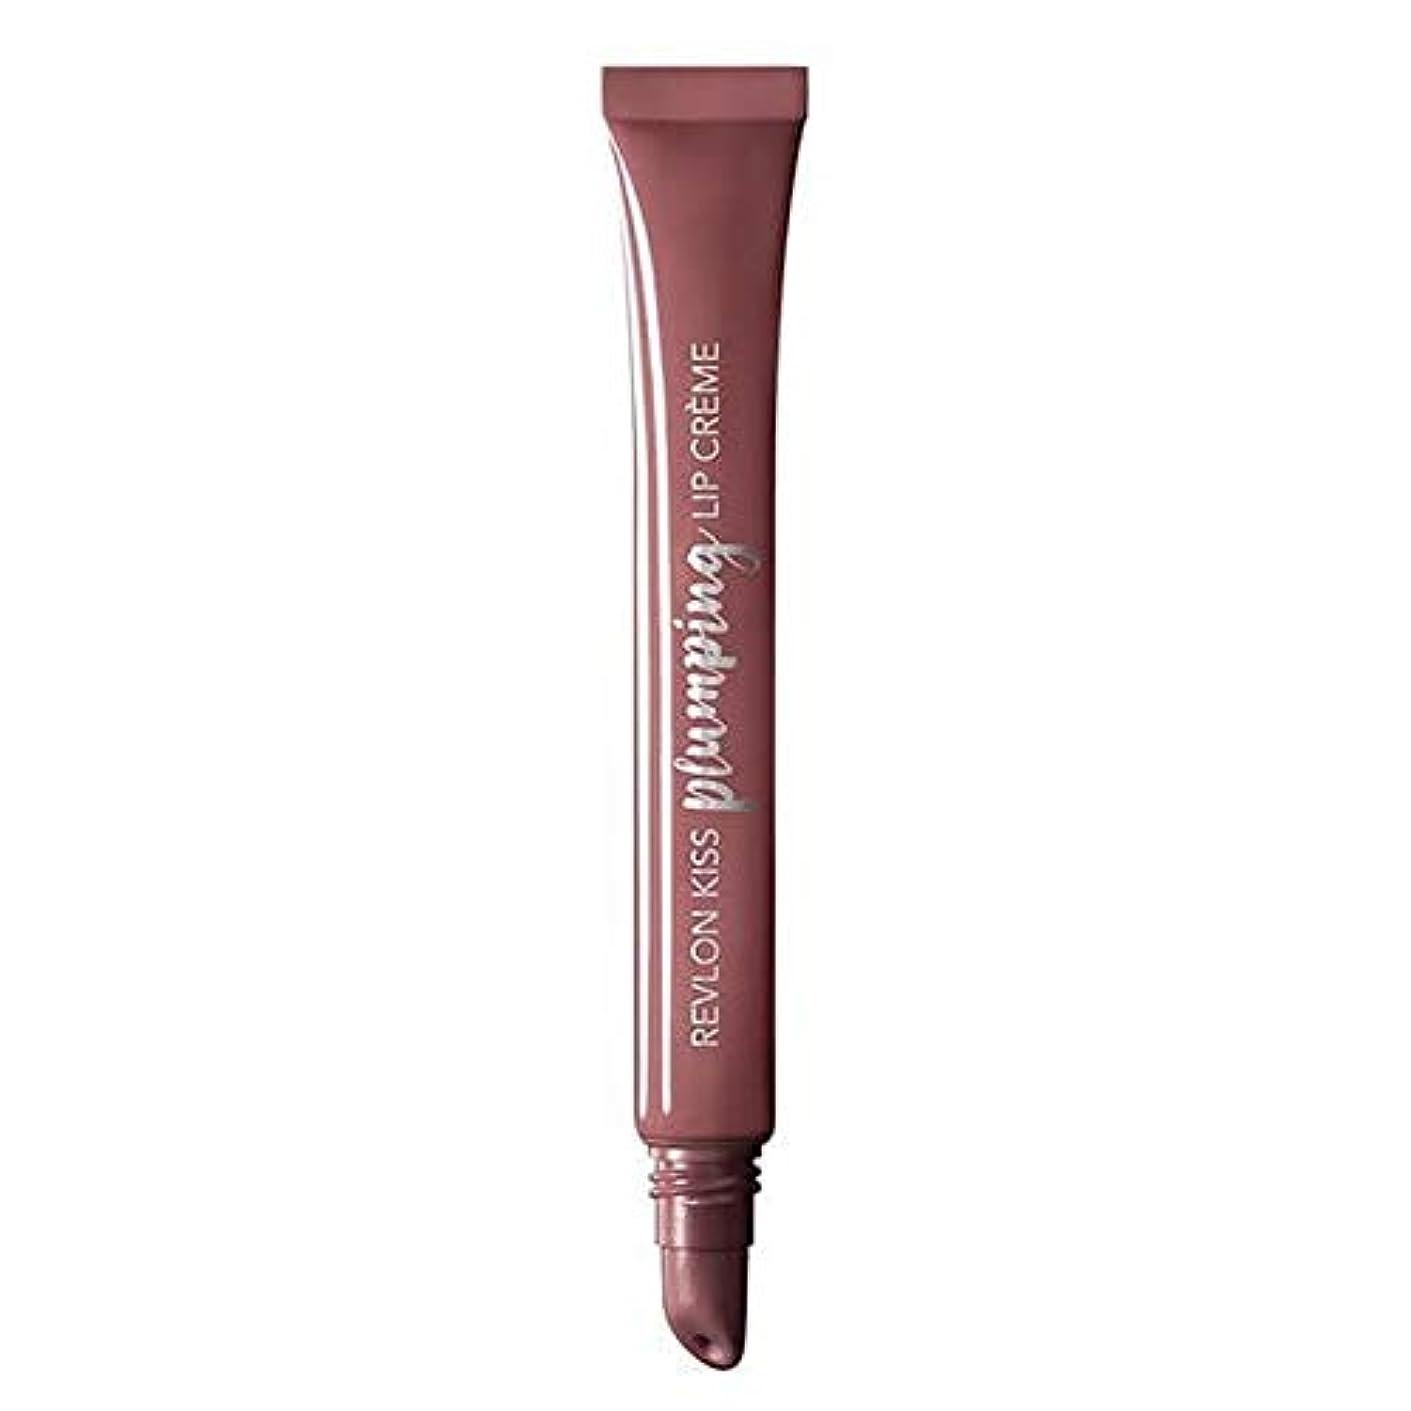 分泌するソース更新する[Revlon ] レブロンキス膨化リップクリームのベルベットのミンク - Revlon Kiss Plumping Lip Cr?me Velvet Mink [並行輸入品]